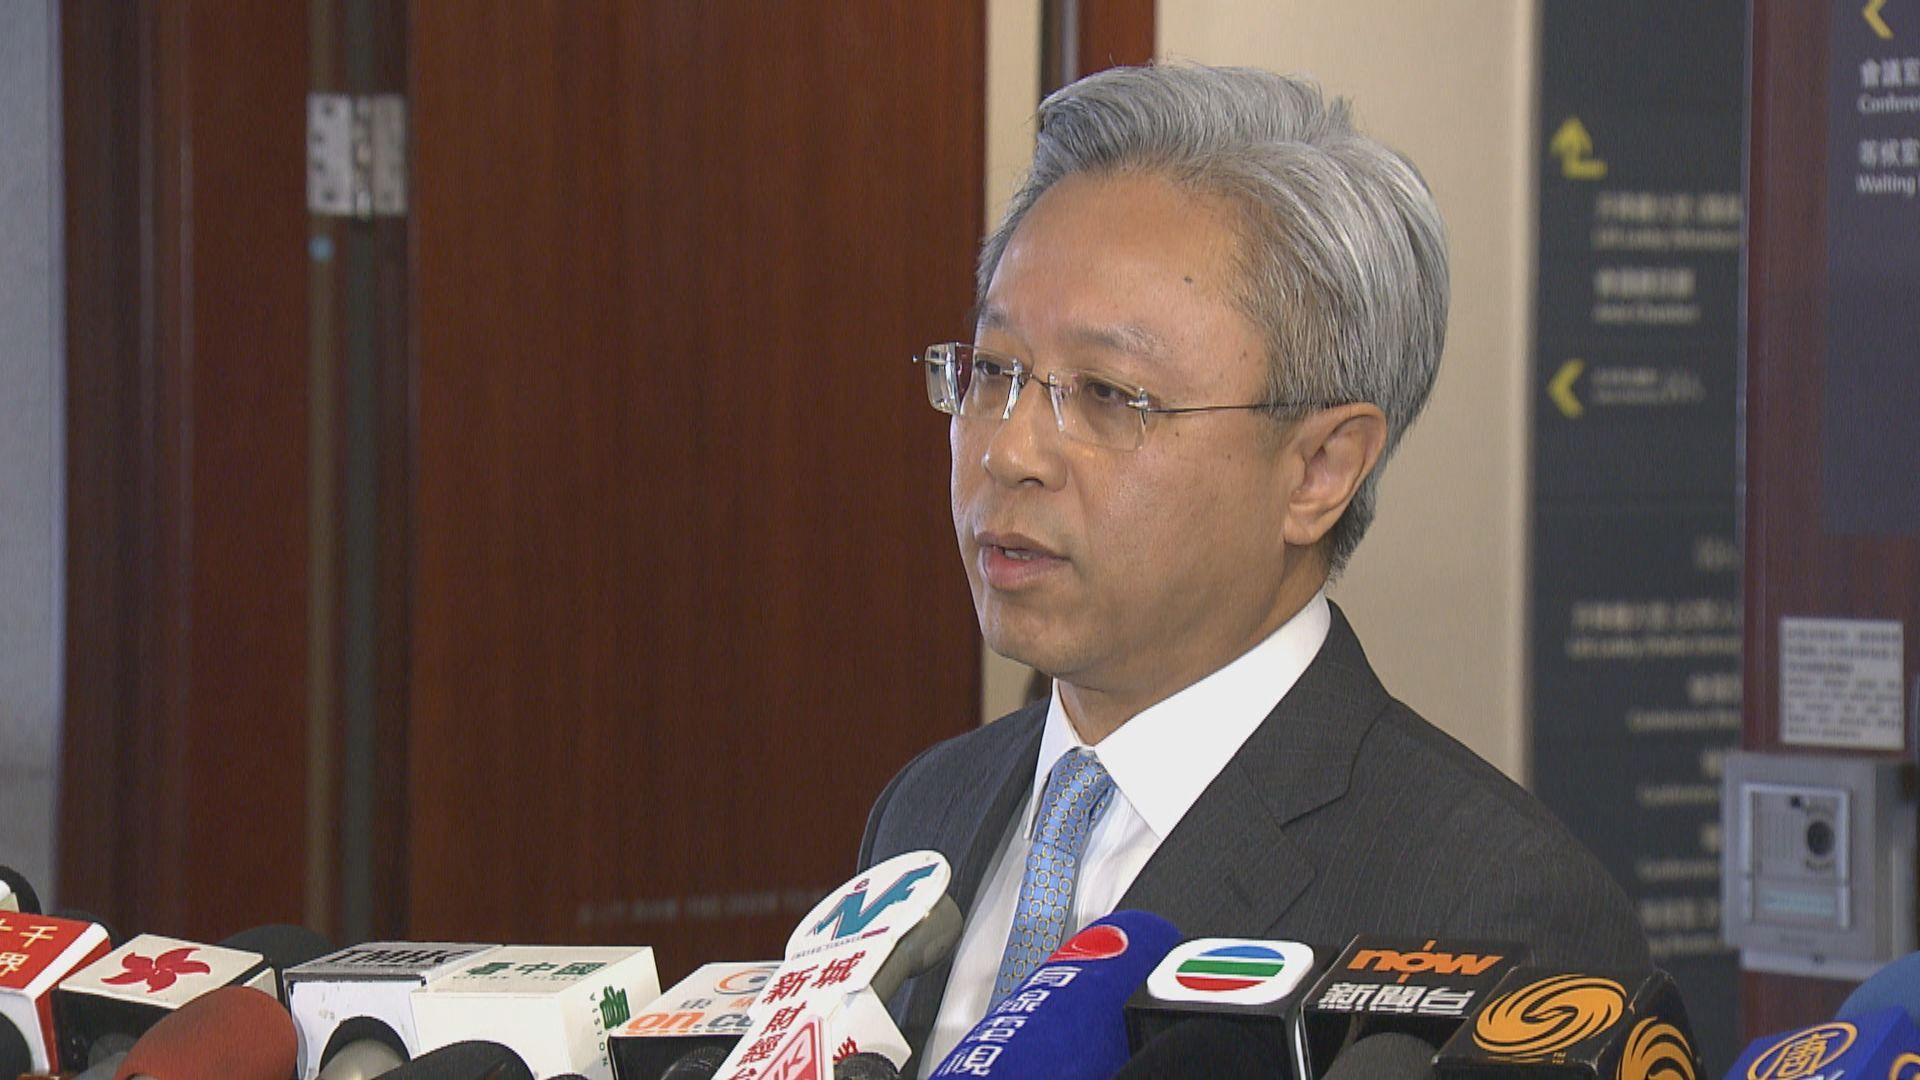 羅智光認為警隊加薪開支分開表決並不合理